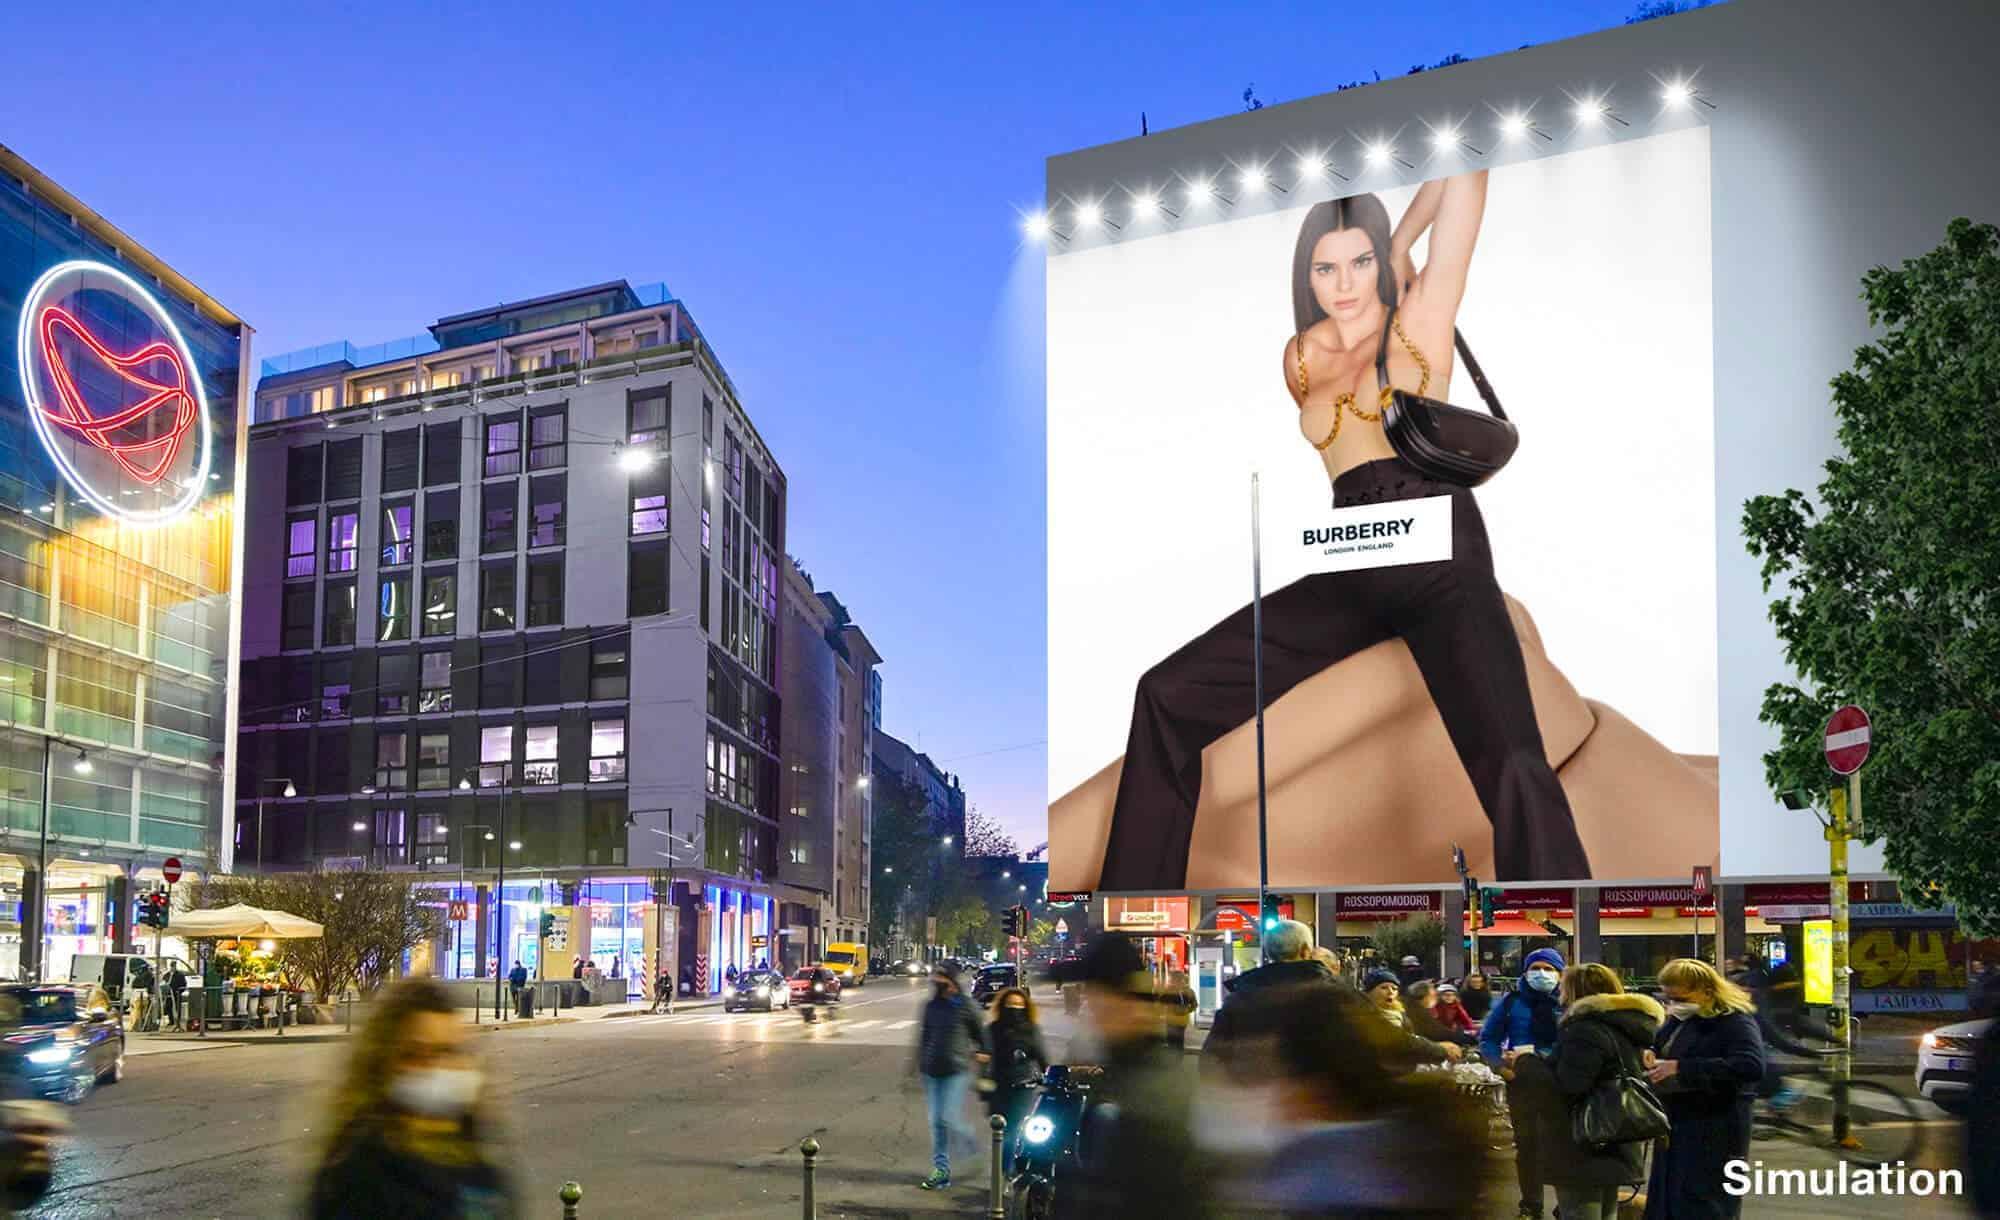 Maxi Affissione a Milano in Via Moscova 58 con Burberry (Fashion)